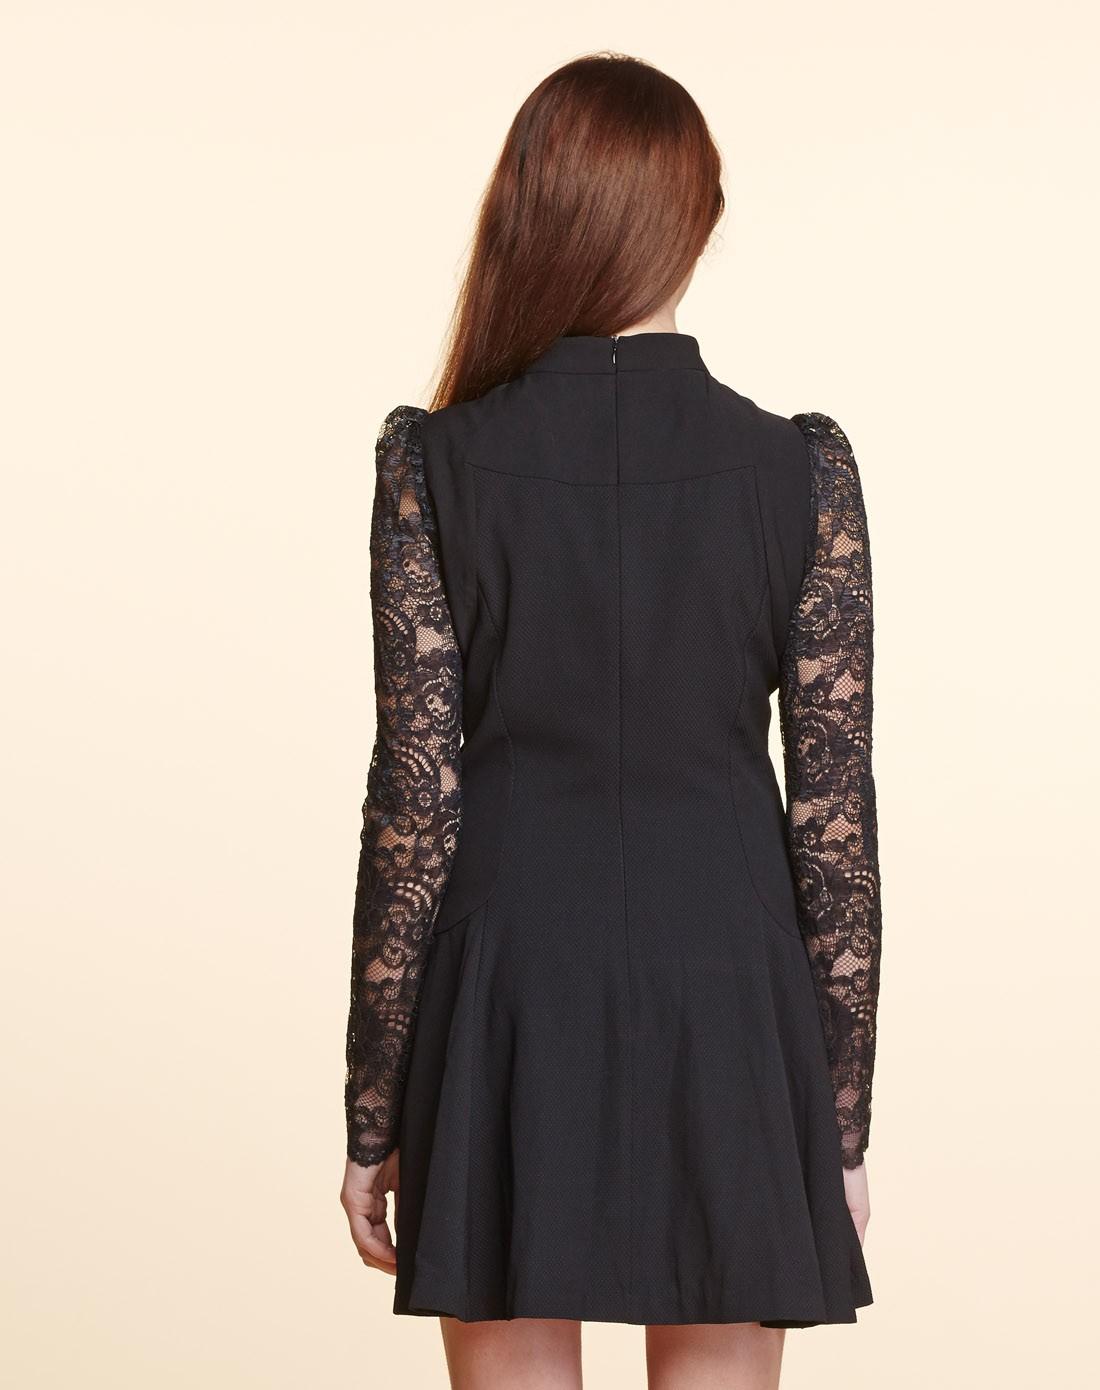 长袖黑色连衣裙图片